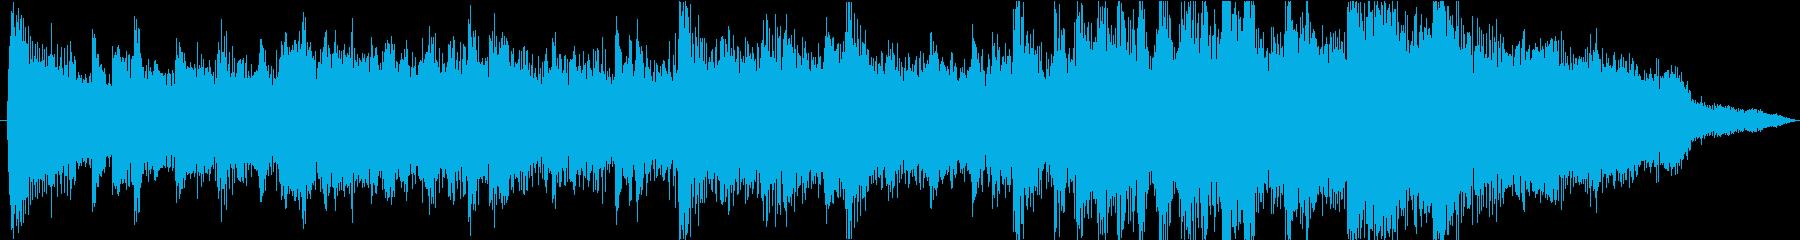 15秒CMに 明るく爽やかで軽快なBGMの再生済みの波形